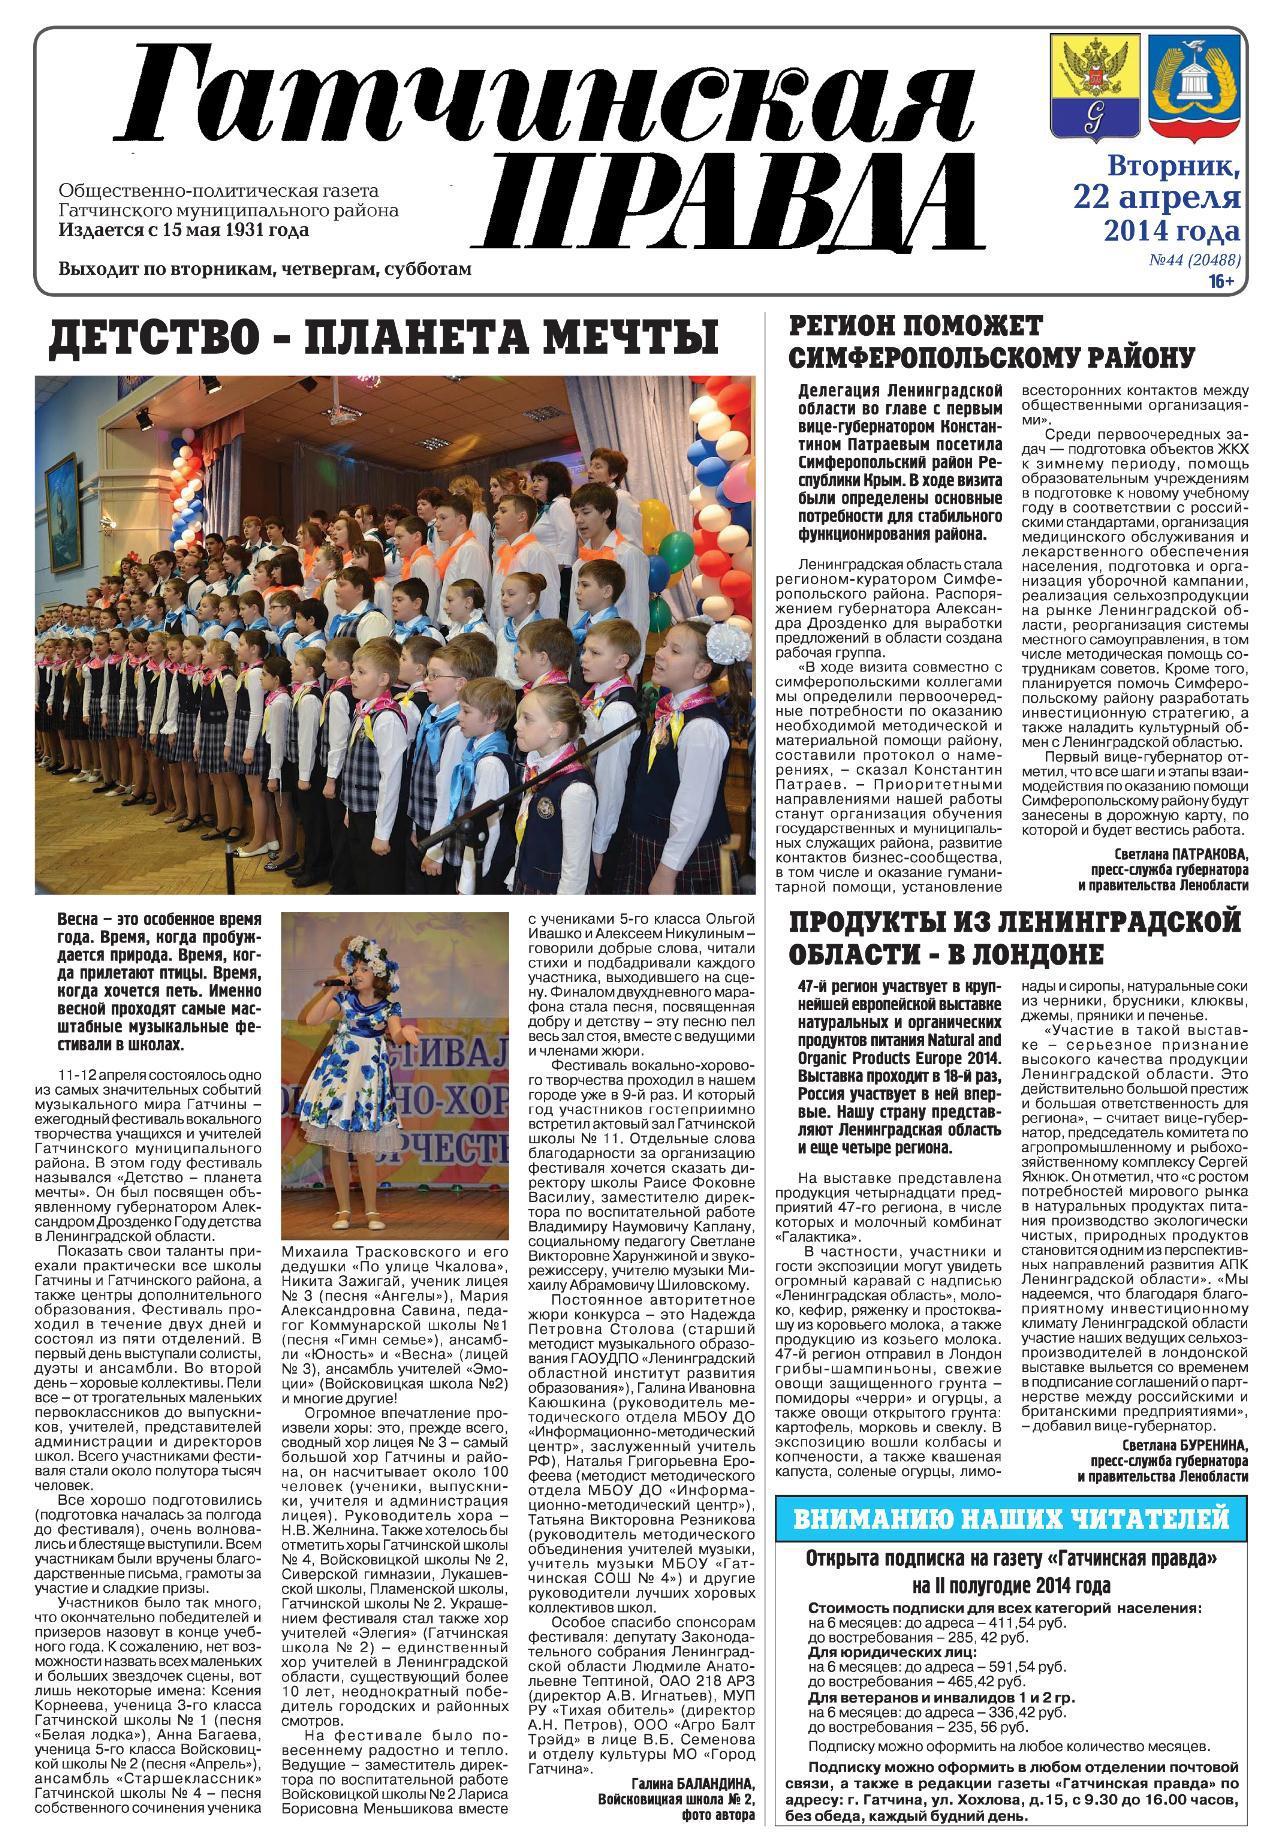 Гатчинская правда №44 от 22 апреля 2014 года